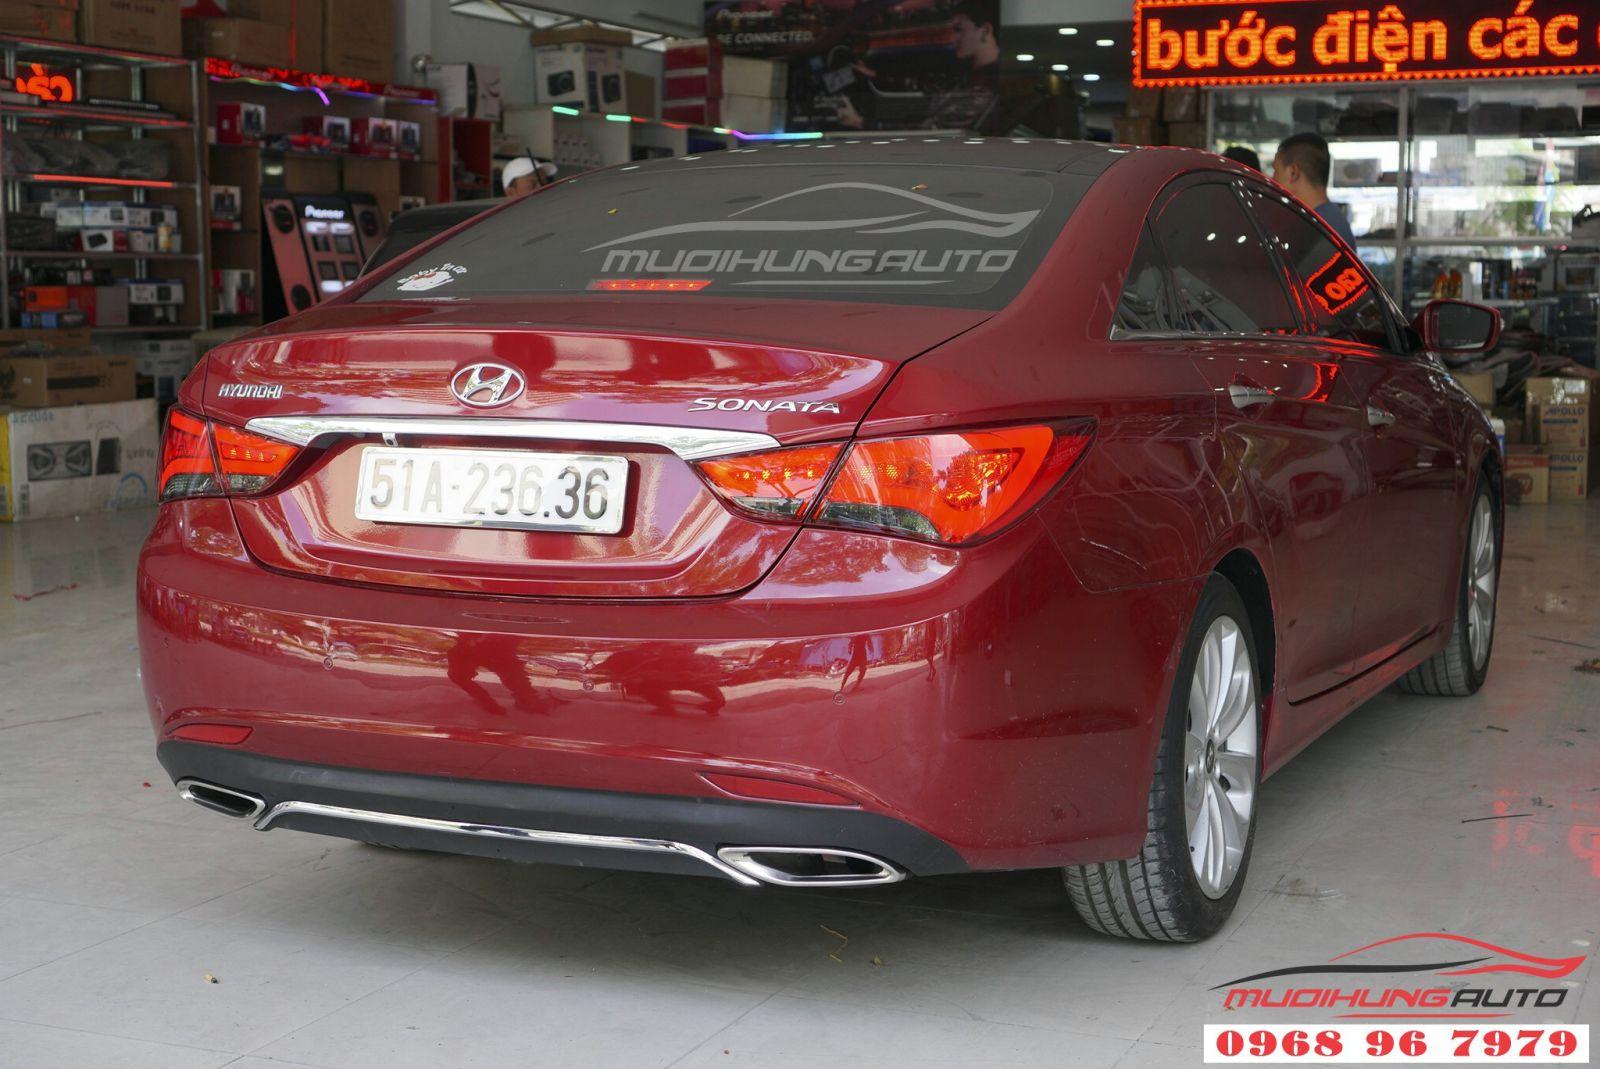 Độ líp Pô Mer E300 nguyên khối cho Hyundai Sonata 01